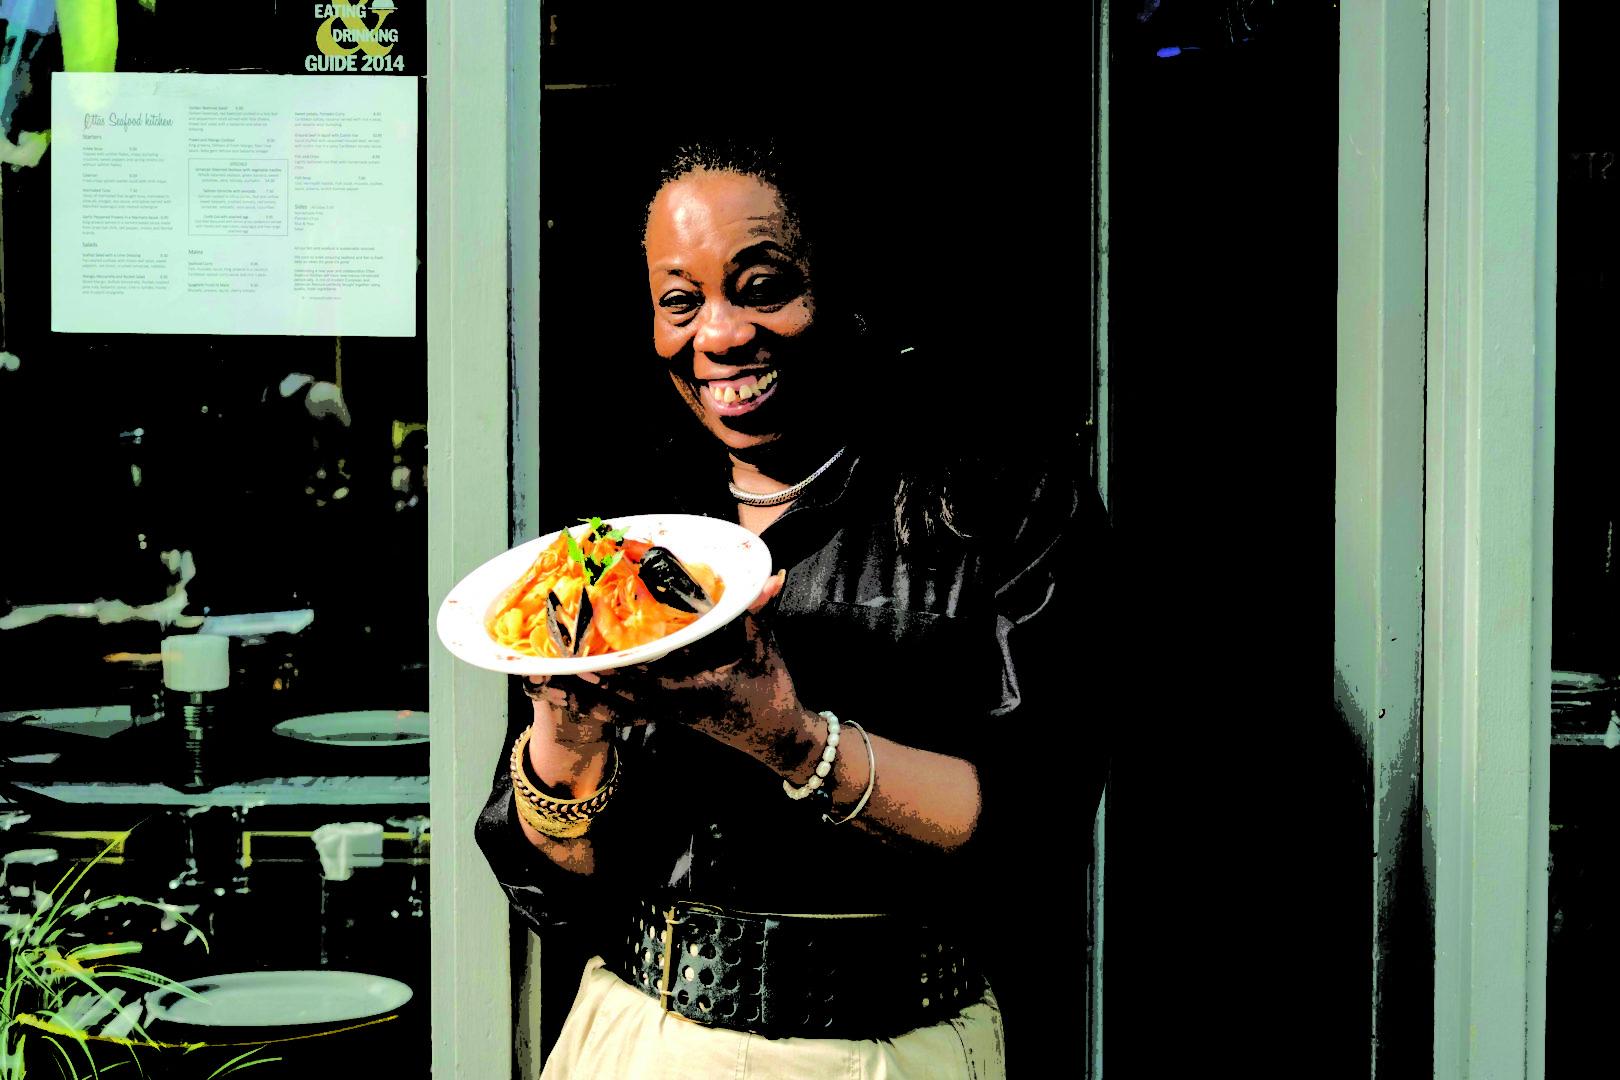 Best food markets in London - Ella, Ella's Seafood Kitchen